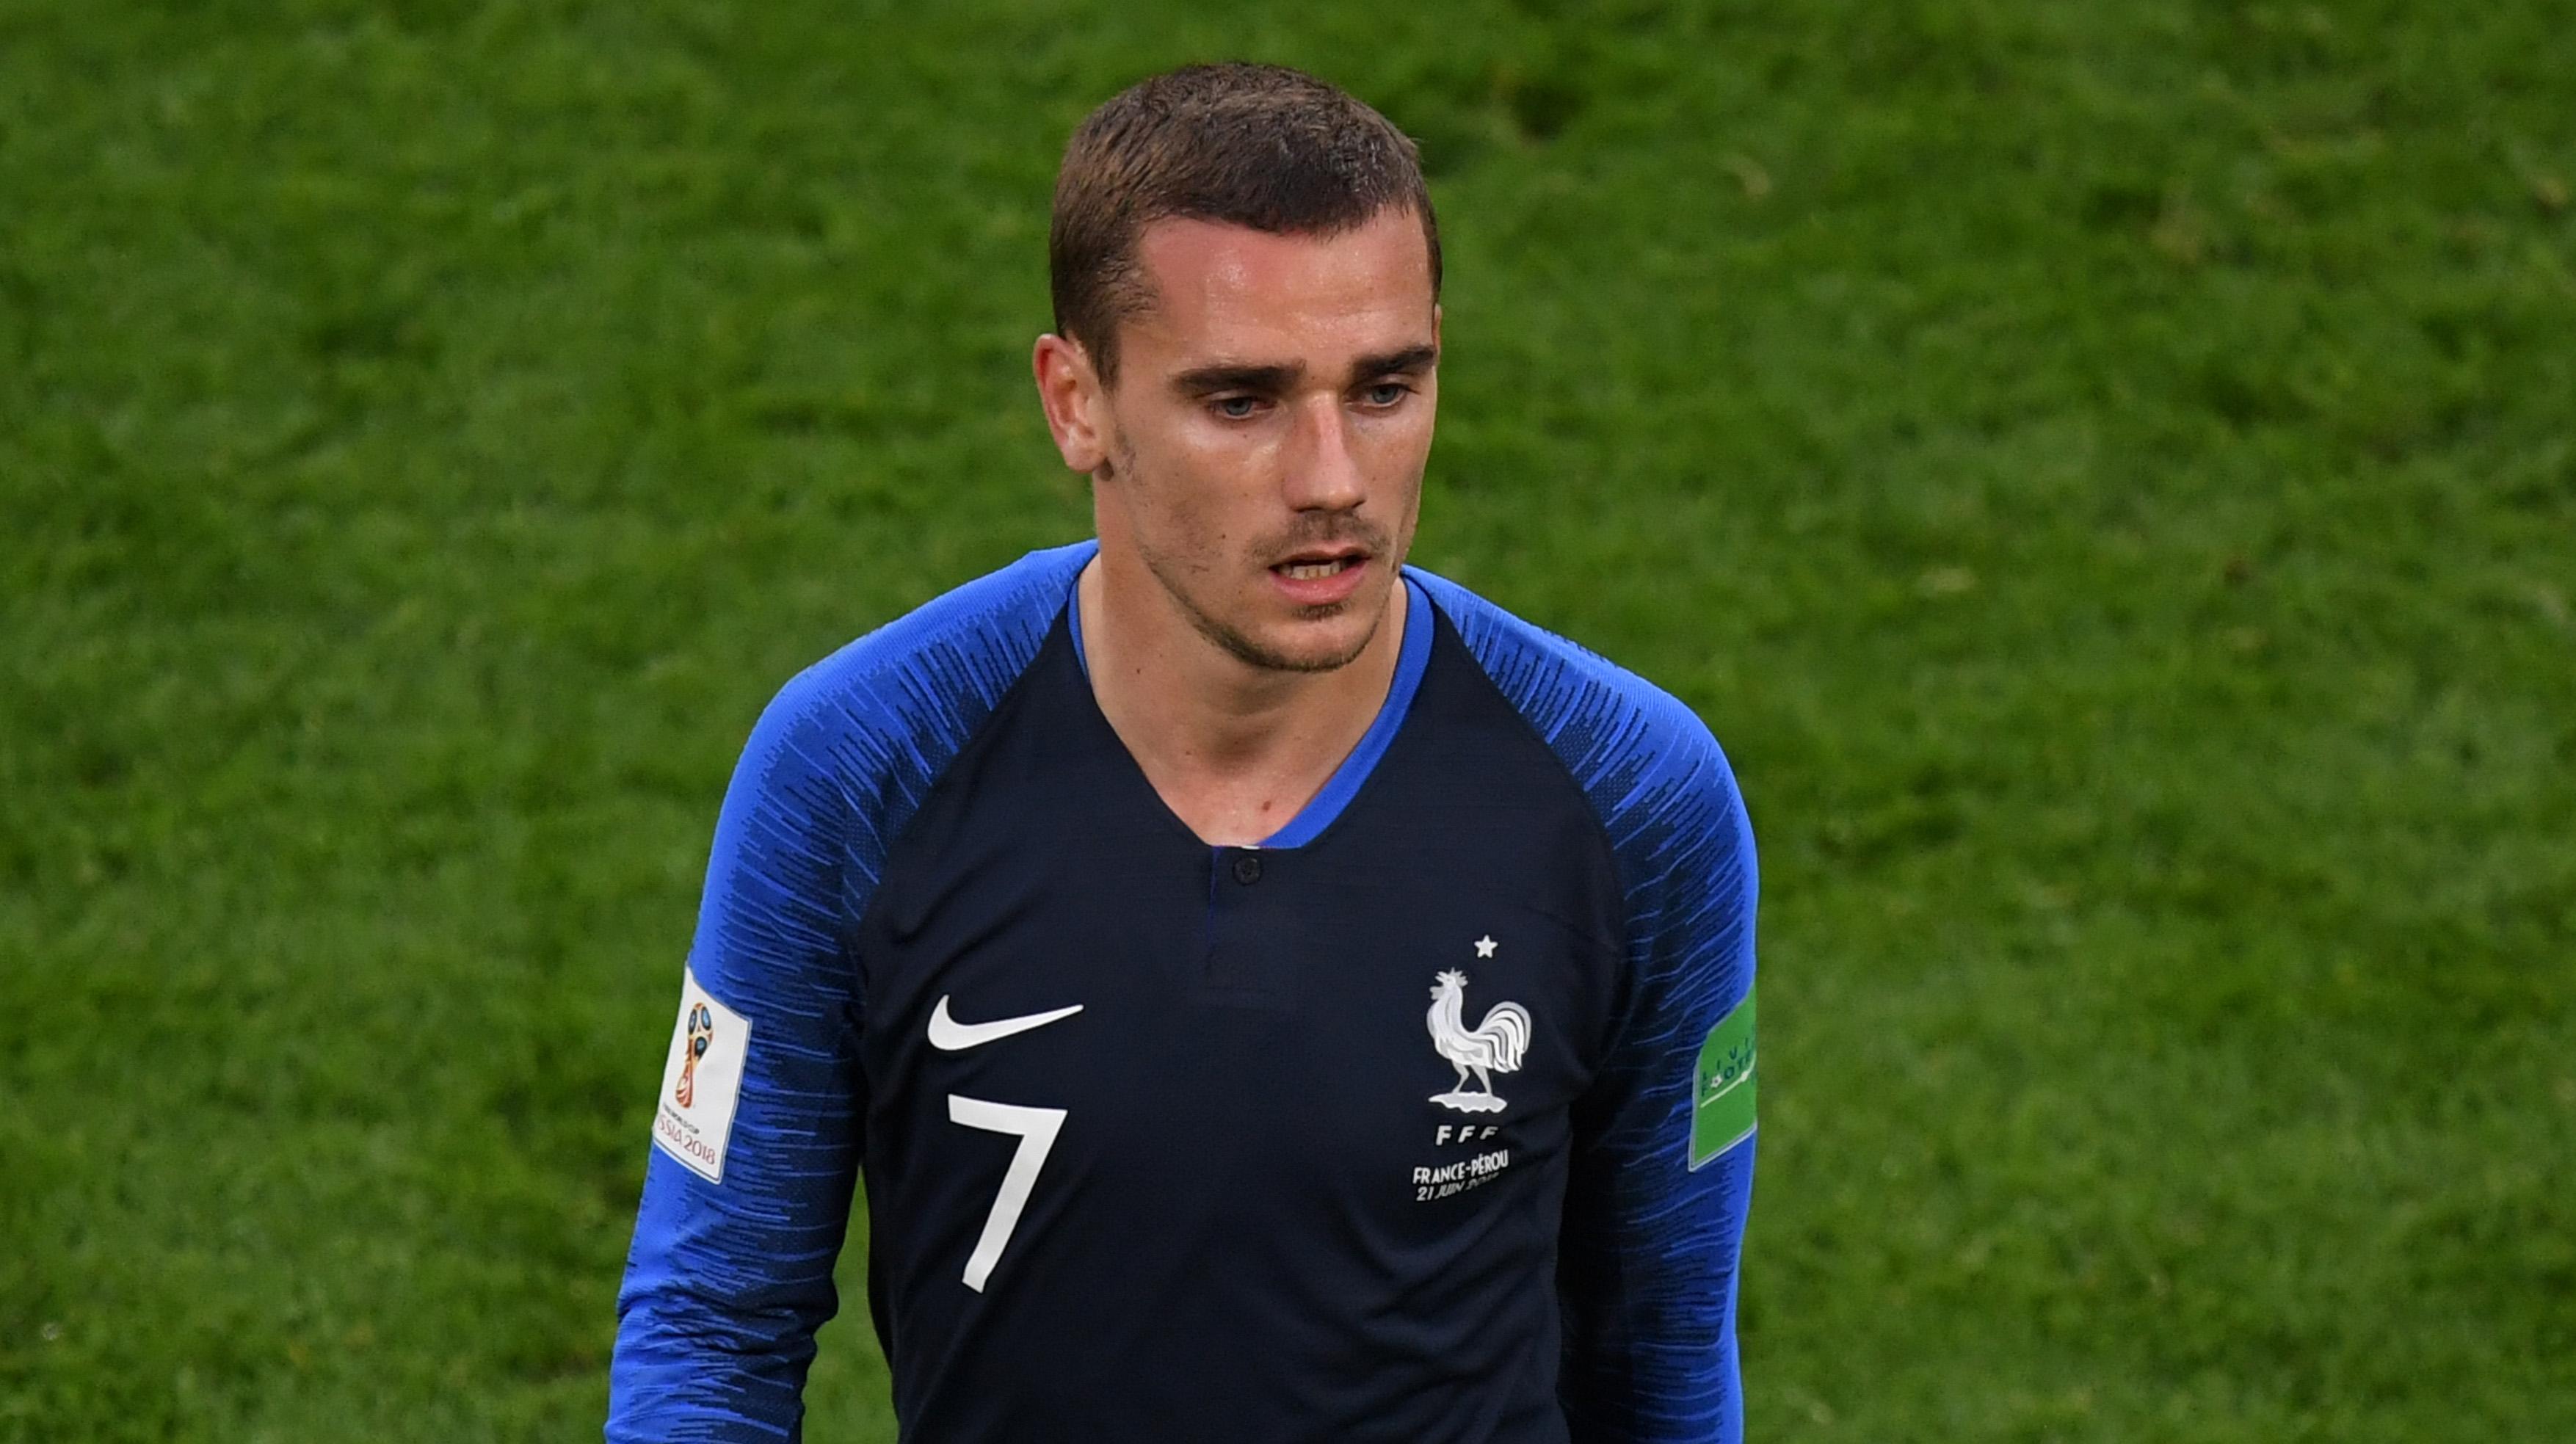 Mondial 2018 griezmann qu 39 est ce qui ne va pas rtl sport - Qu est ce qui coupe l appetit ...